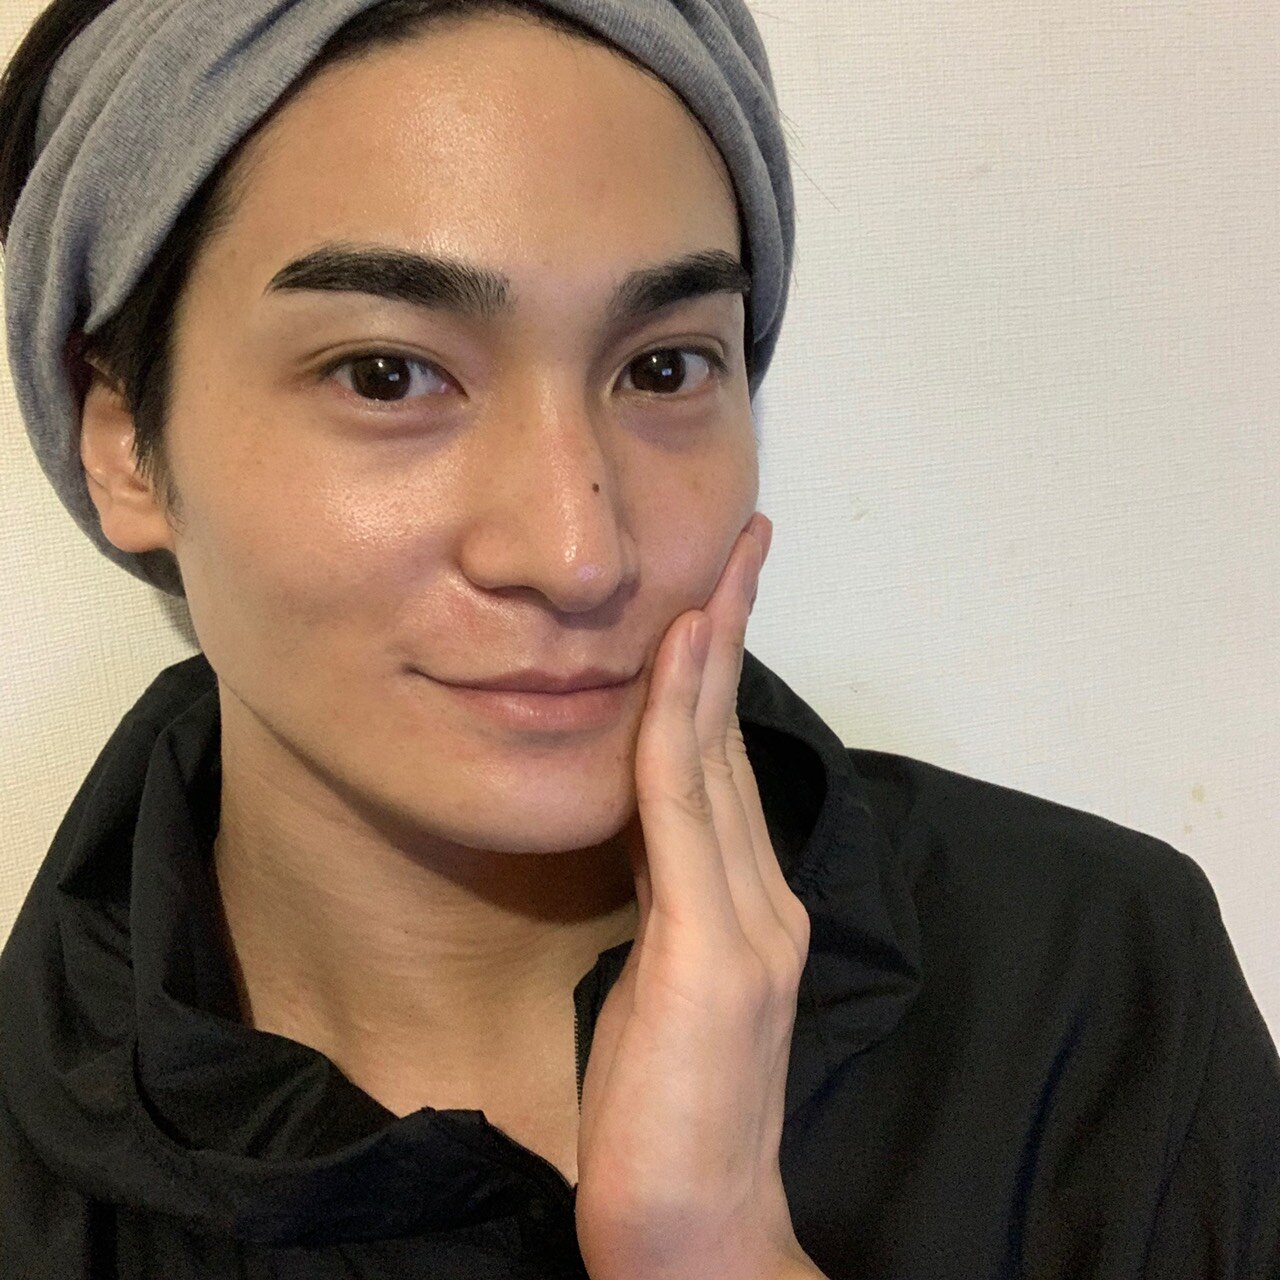 肌トラブルZEROを手に入れよう。俳優 町井祥真 トーニングのススメ